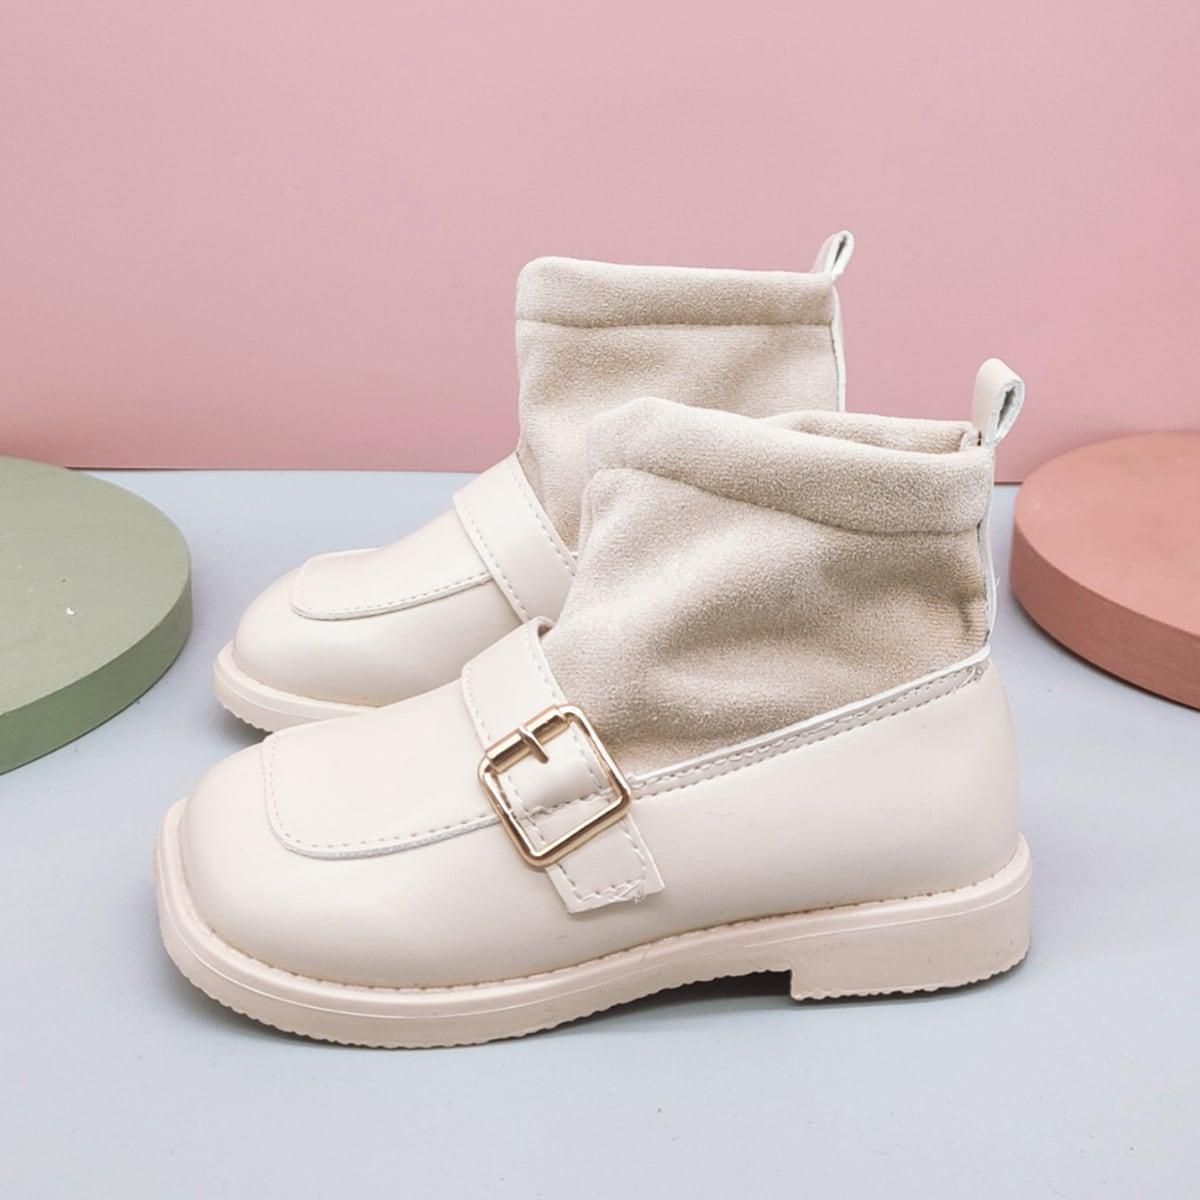 Ботинки с пряжкой для девочек SheIn sk2108084809293799